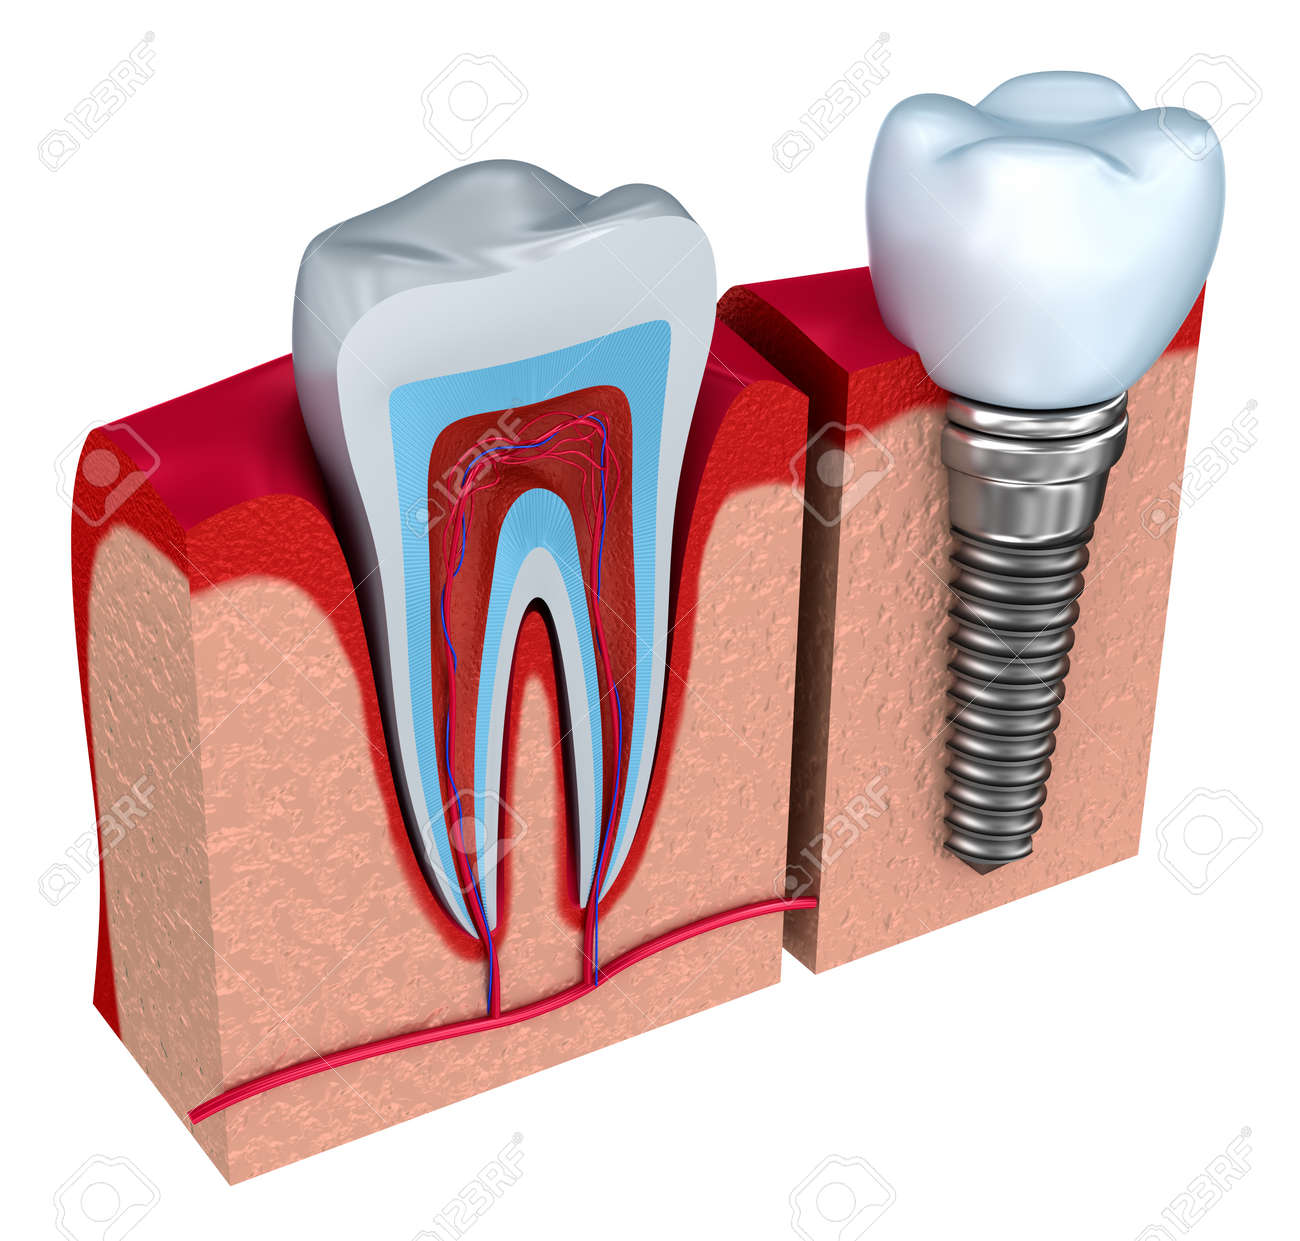 Anatomie Des Gesunden Zähnen Und Zahnimplantat In Kieferknochen ...